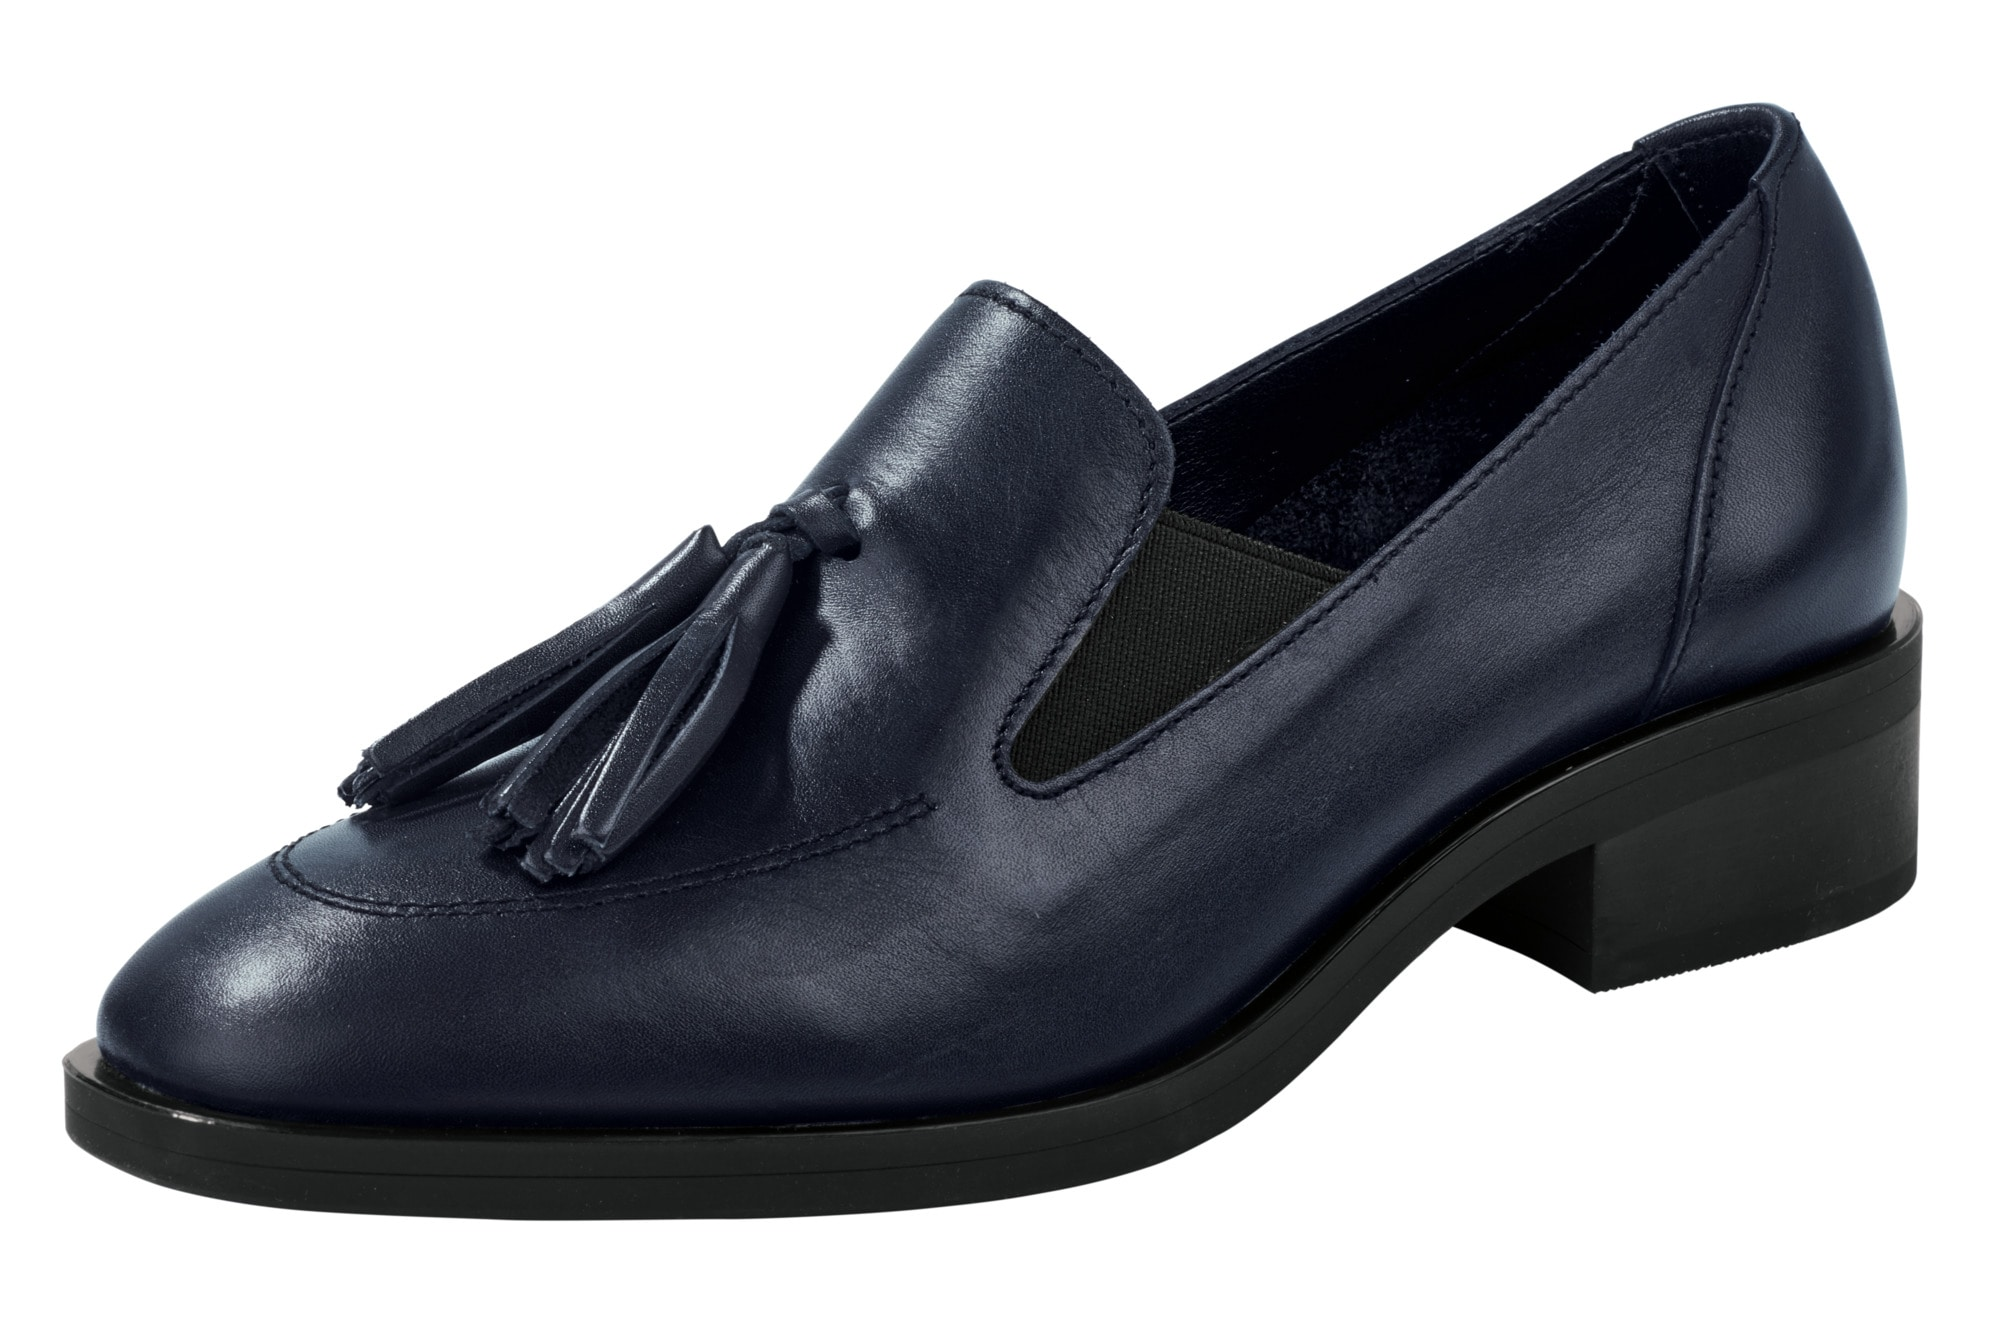 Heine Slipper mit Tasseln | Schuhe > Slipper | Blau | Heine